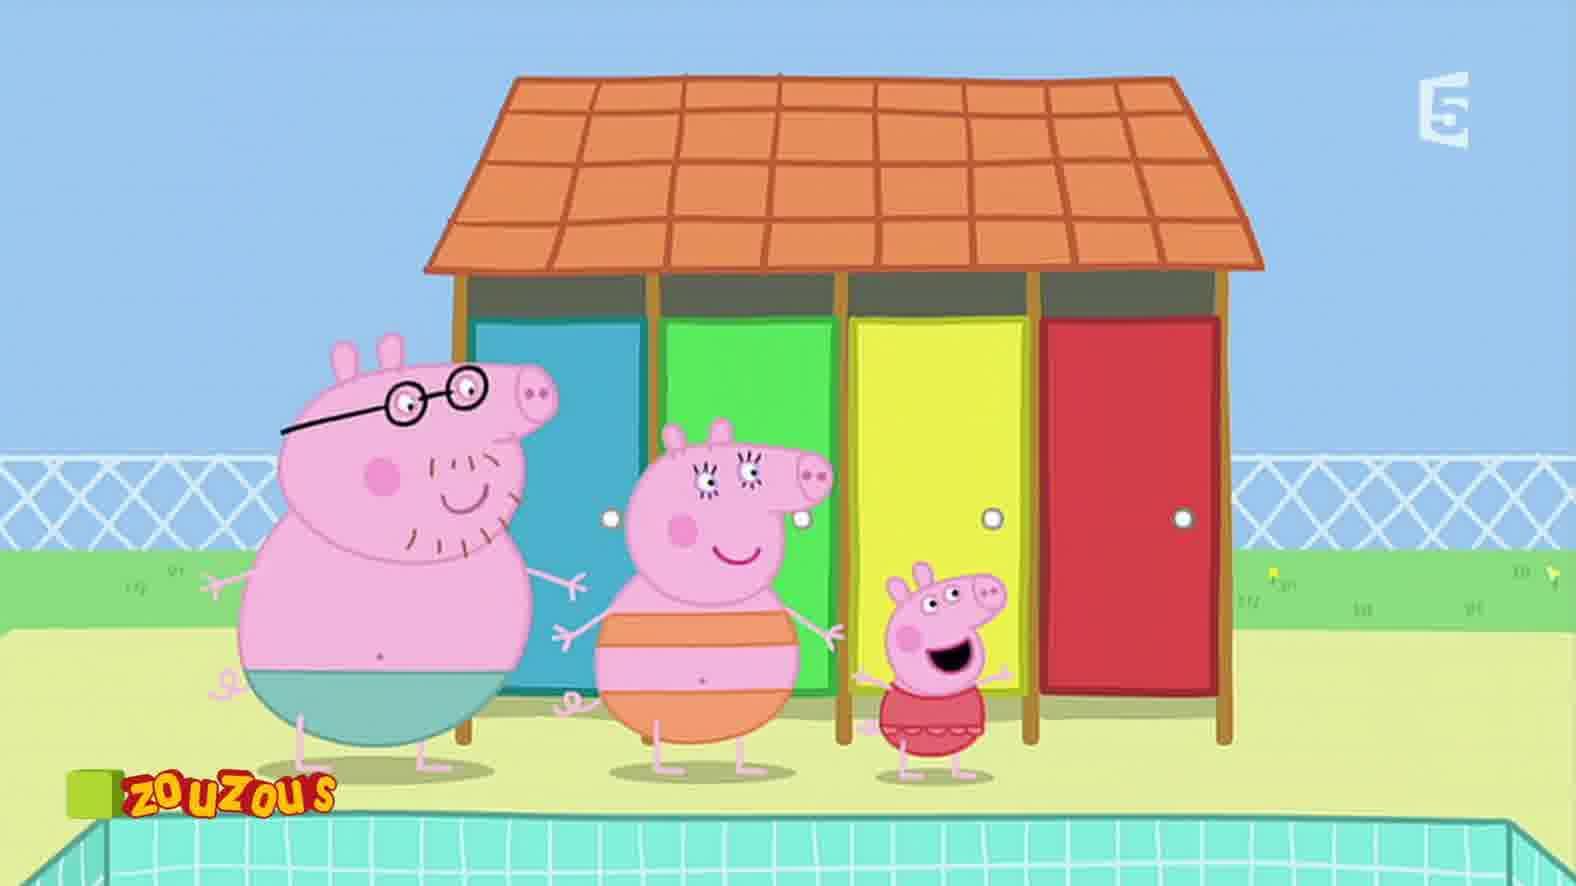 Peppa Pig - Vendredi 29 Décembre 2017 - Page 1 Sur 1 avec Jeux De Peppa Pig A La Piscine